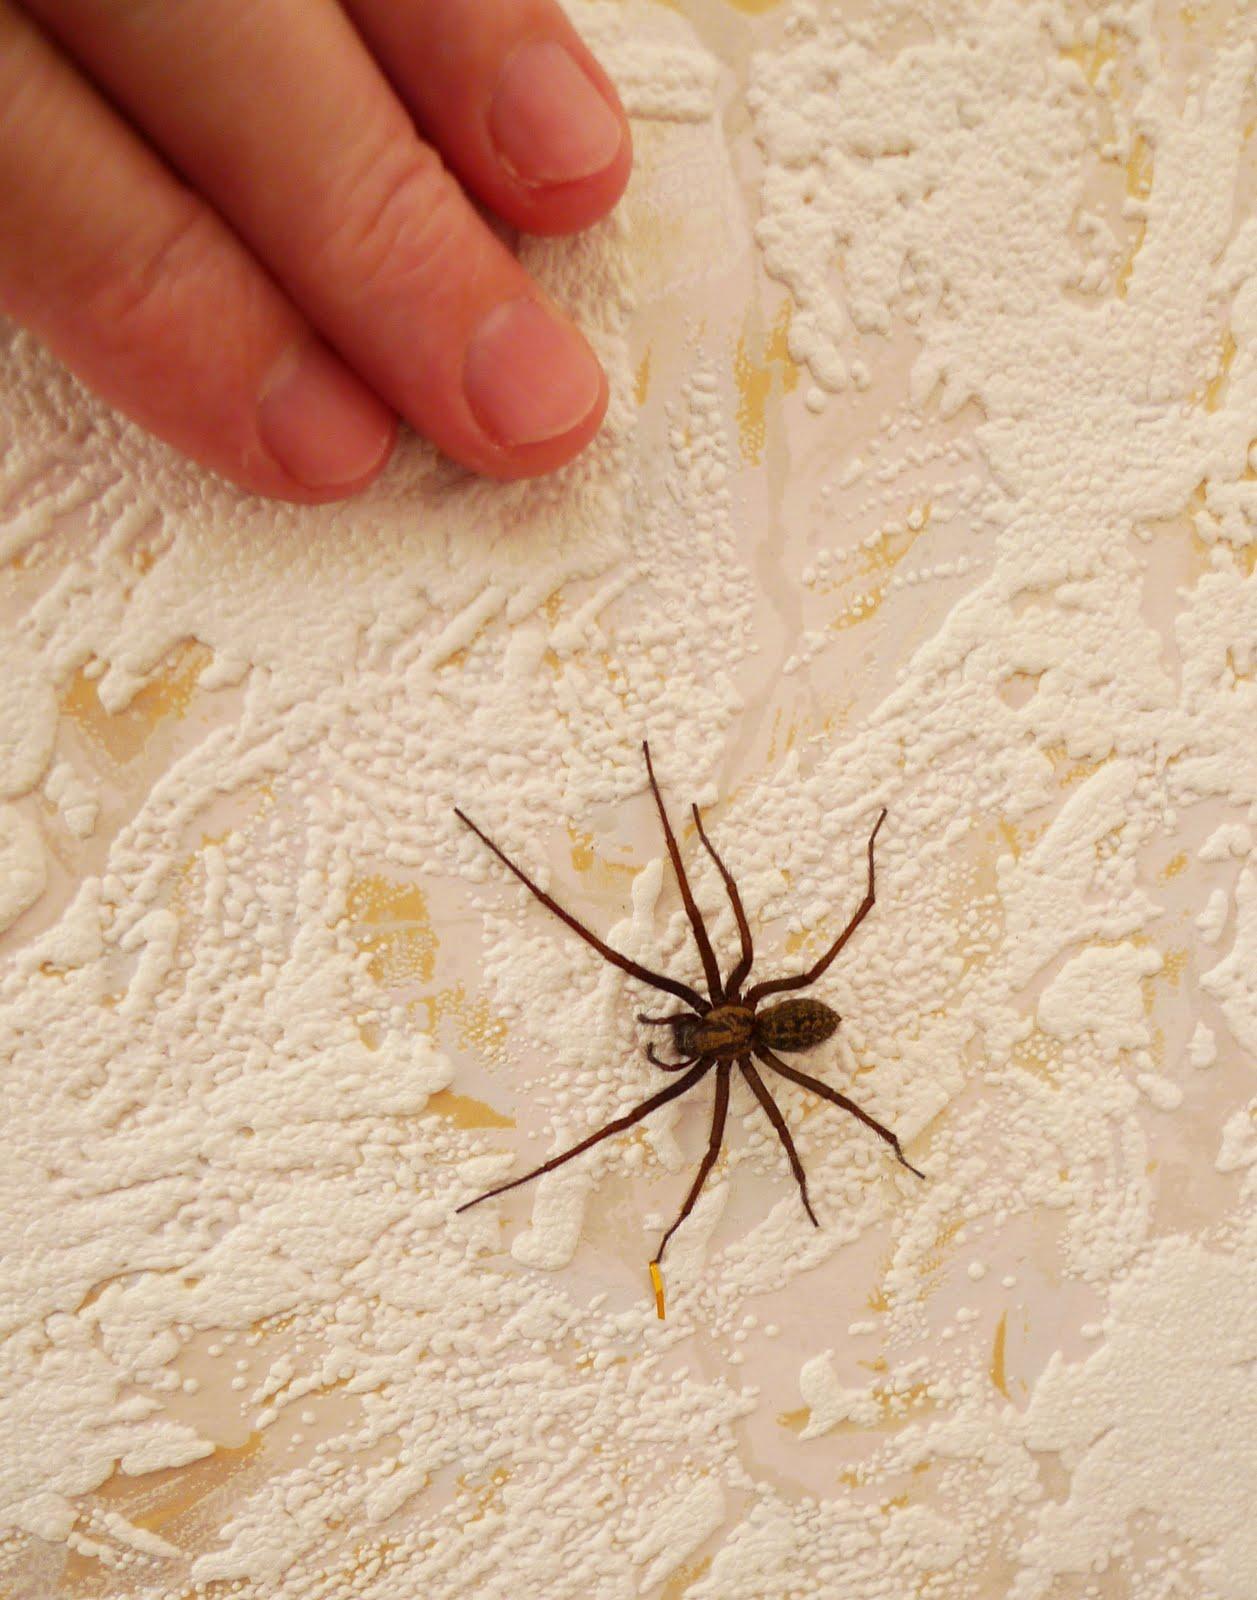 Как избавиться в доме от пауков доступными средствами – 11 способов